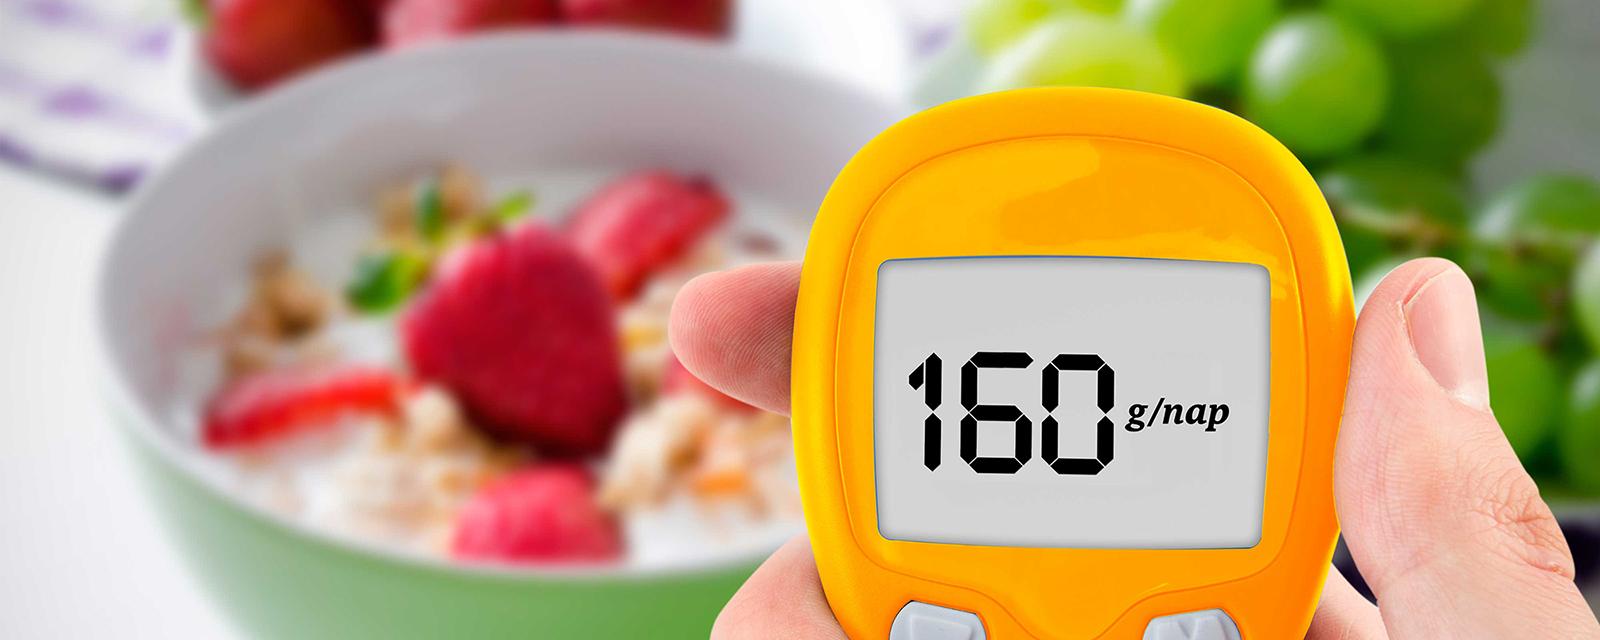 ir diéta kezdőknek regenor diéta alatt mit lehet enni